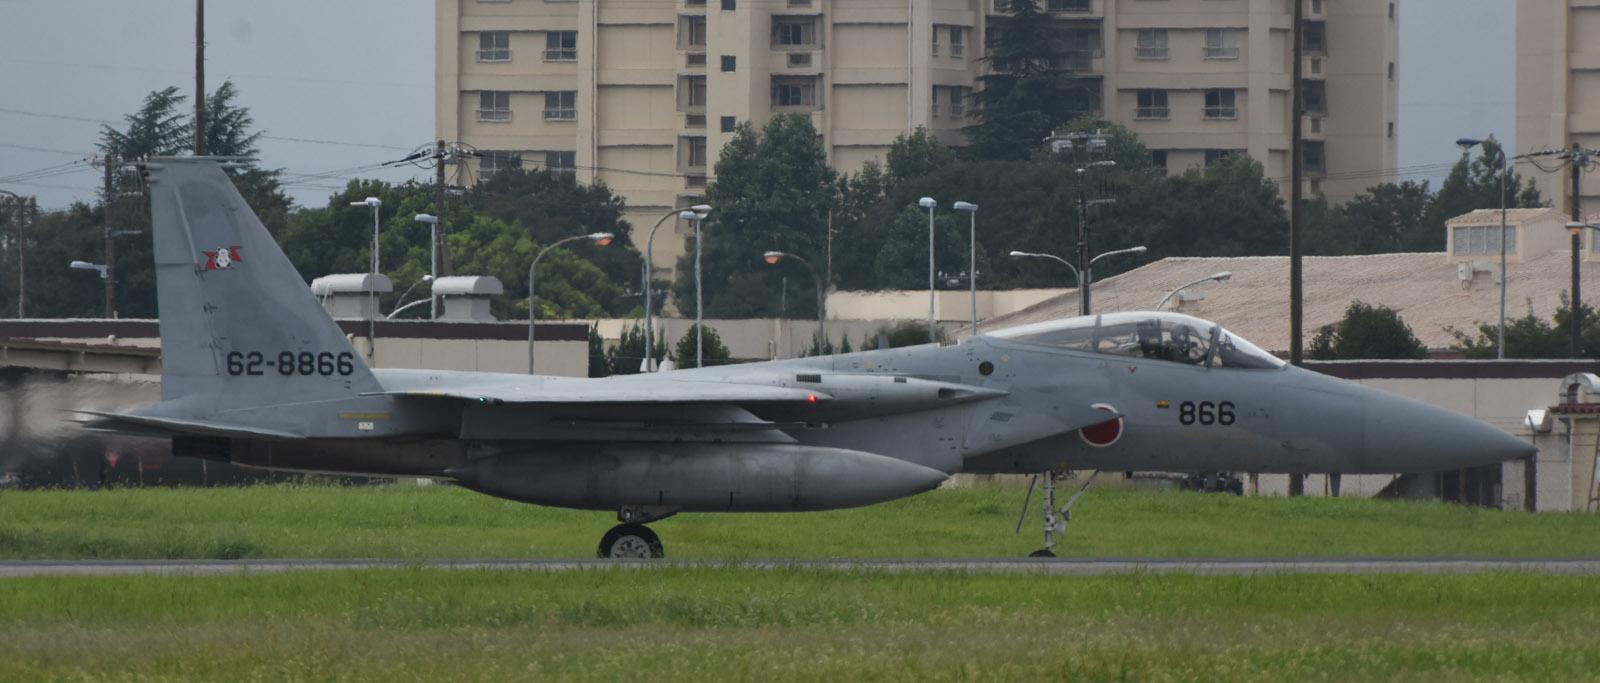 F15j180914g796